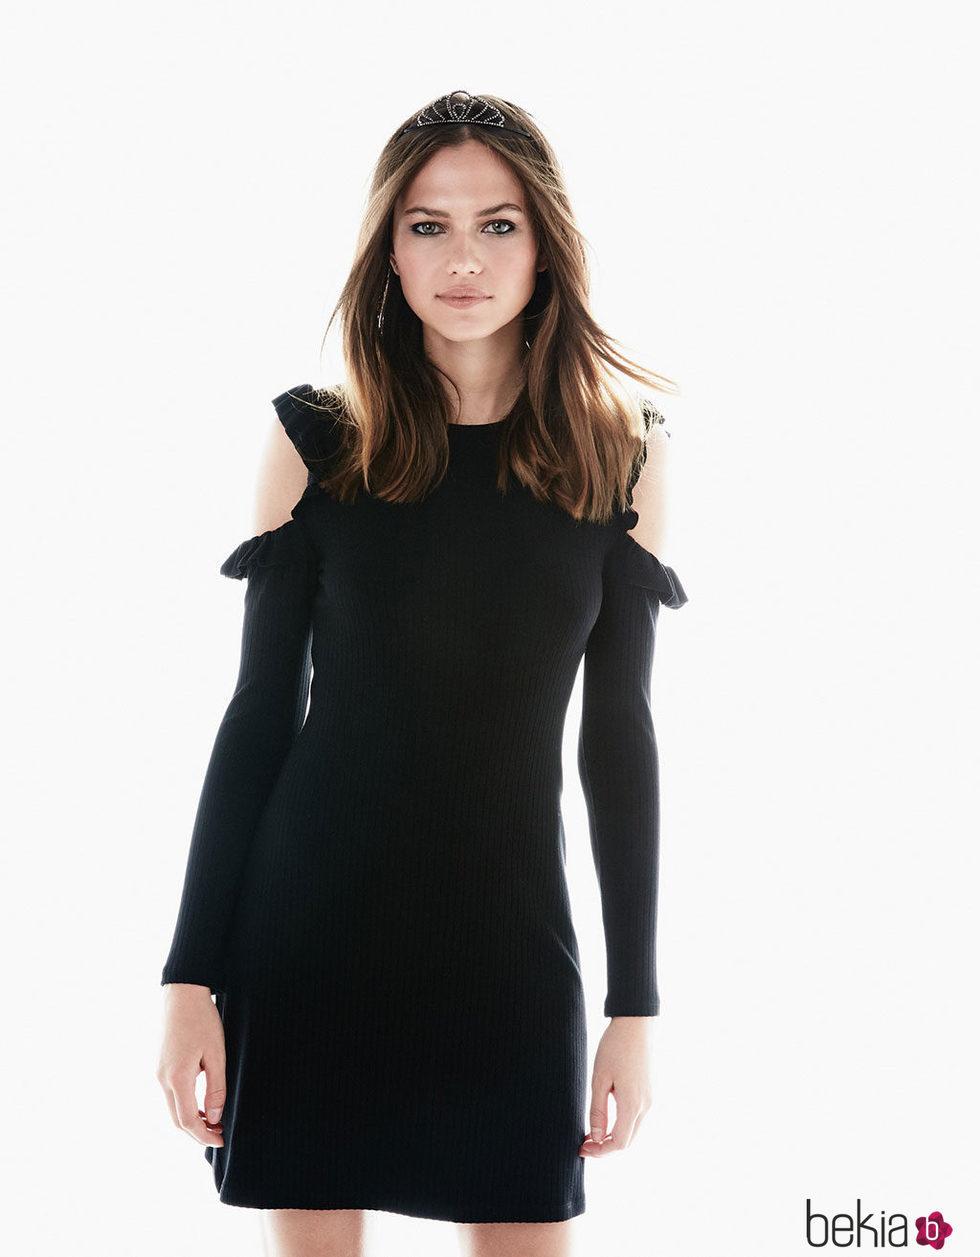 Vestido negro y corona plateada de Bershka para Navidad 2016